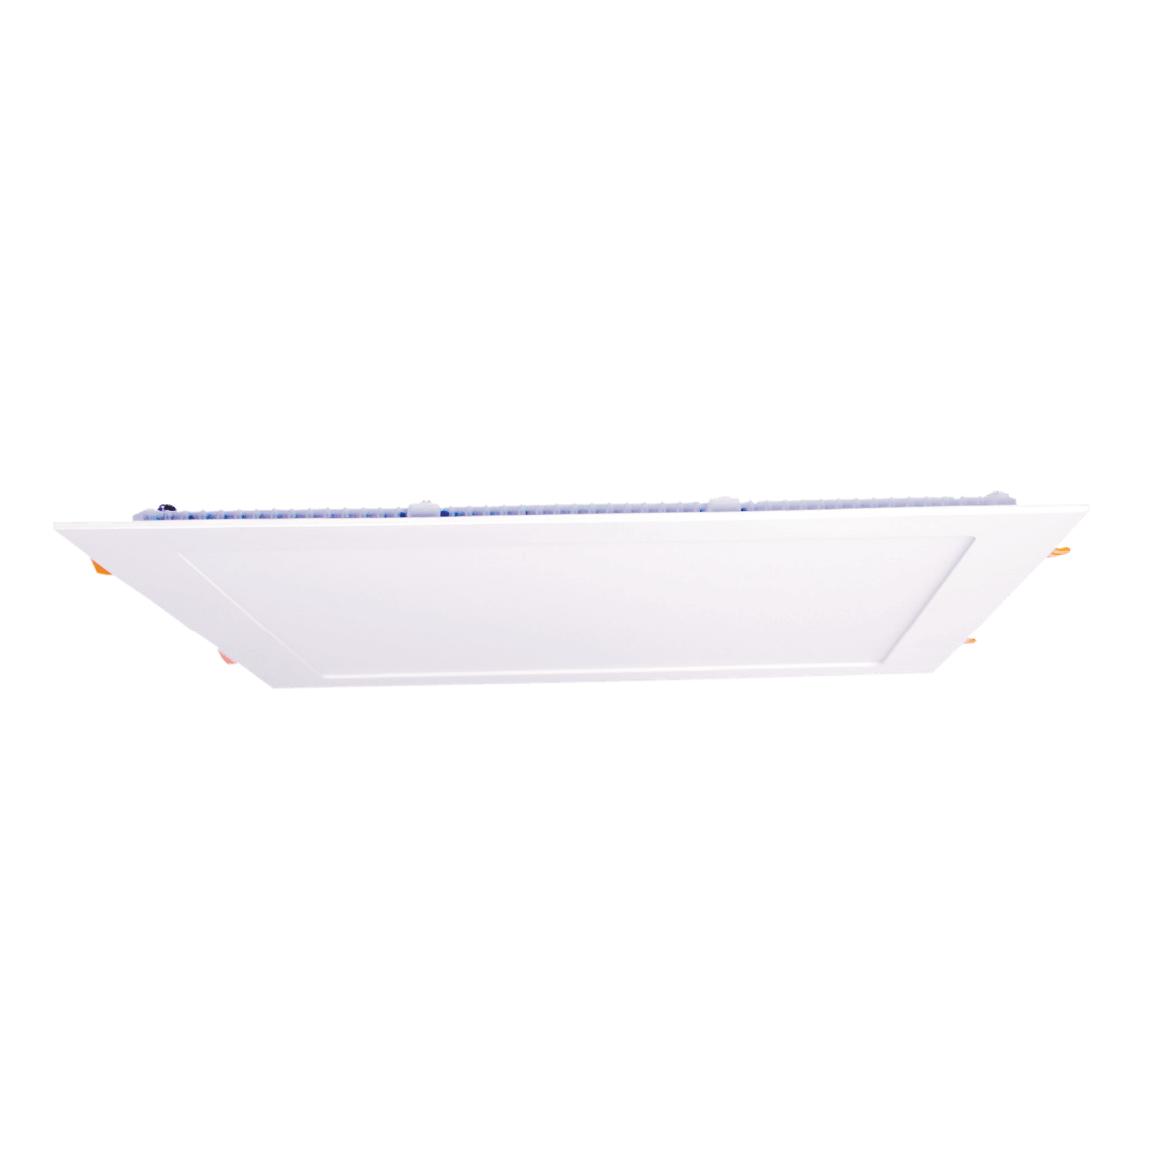 LW-SAAKP24 - 24 Watt Sıva Altı Kare LED Panel Armatür